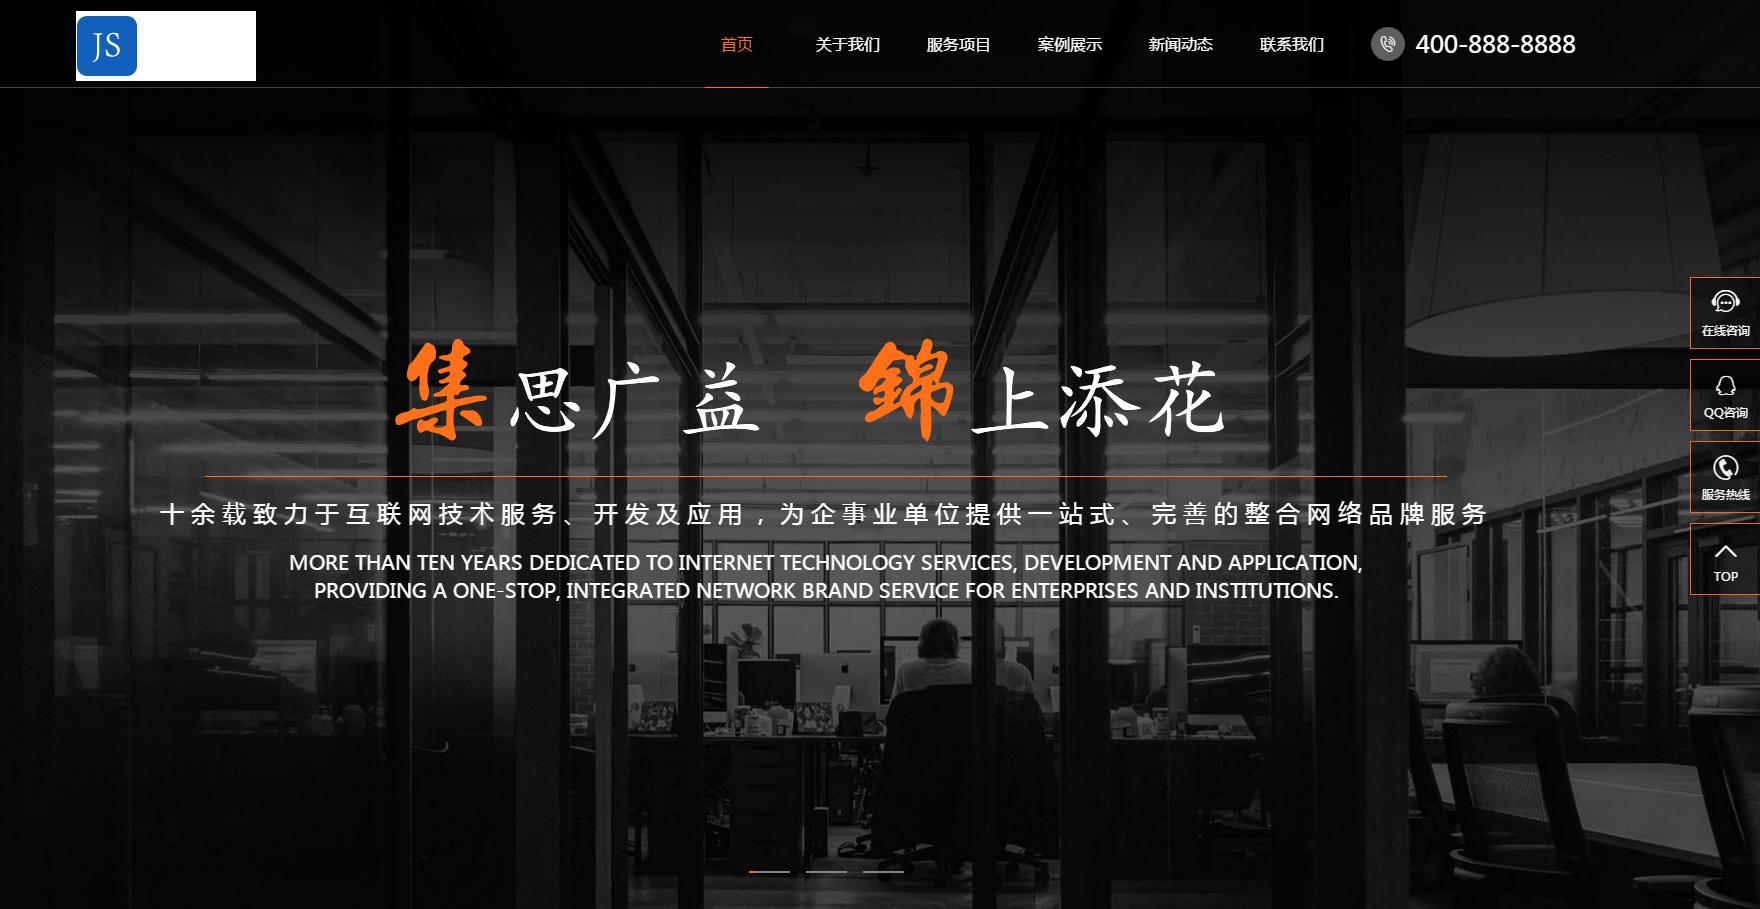 高端大氣全屏響應式網站建設開發科技公司企業官網HTML5網站模板